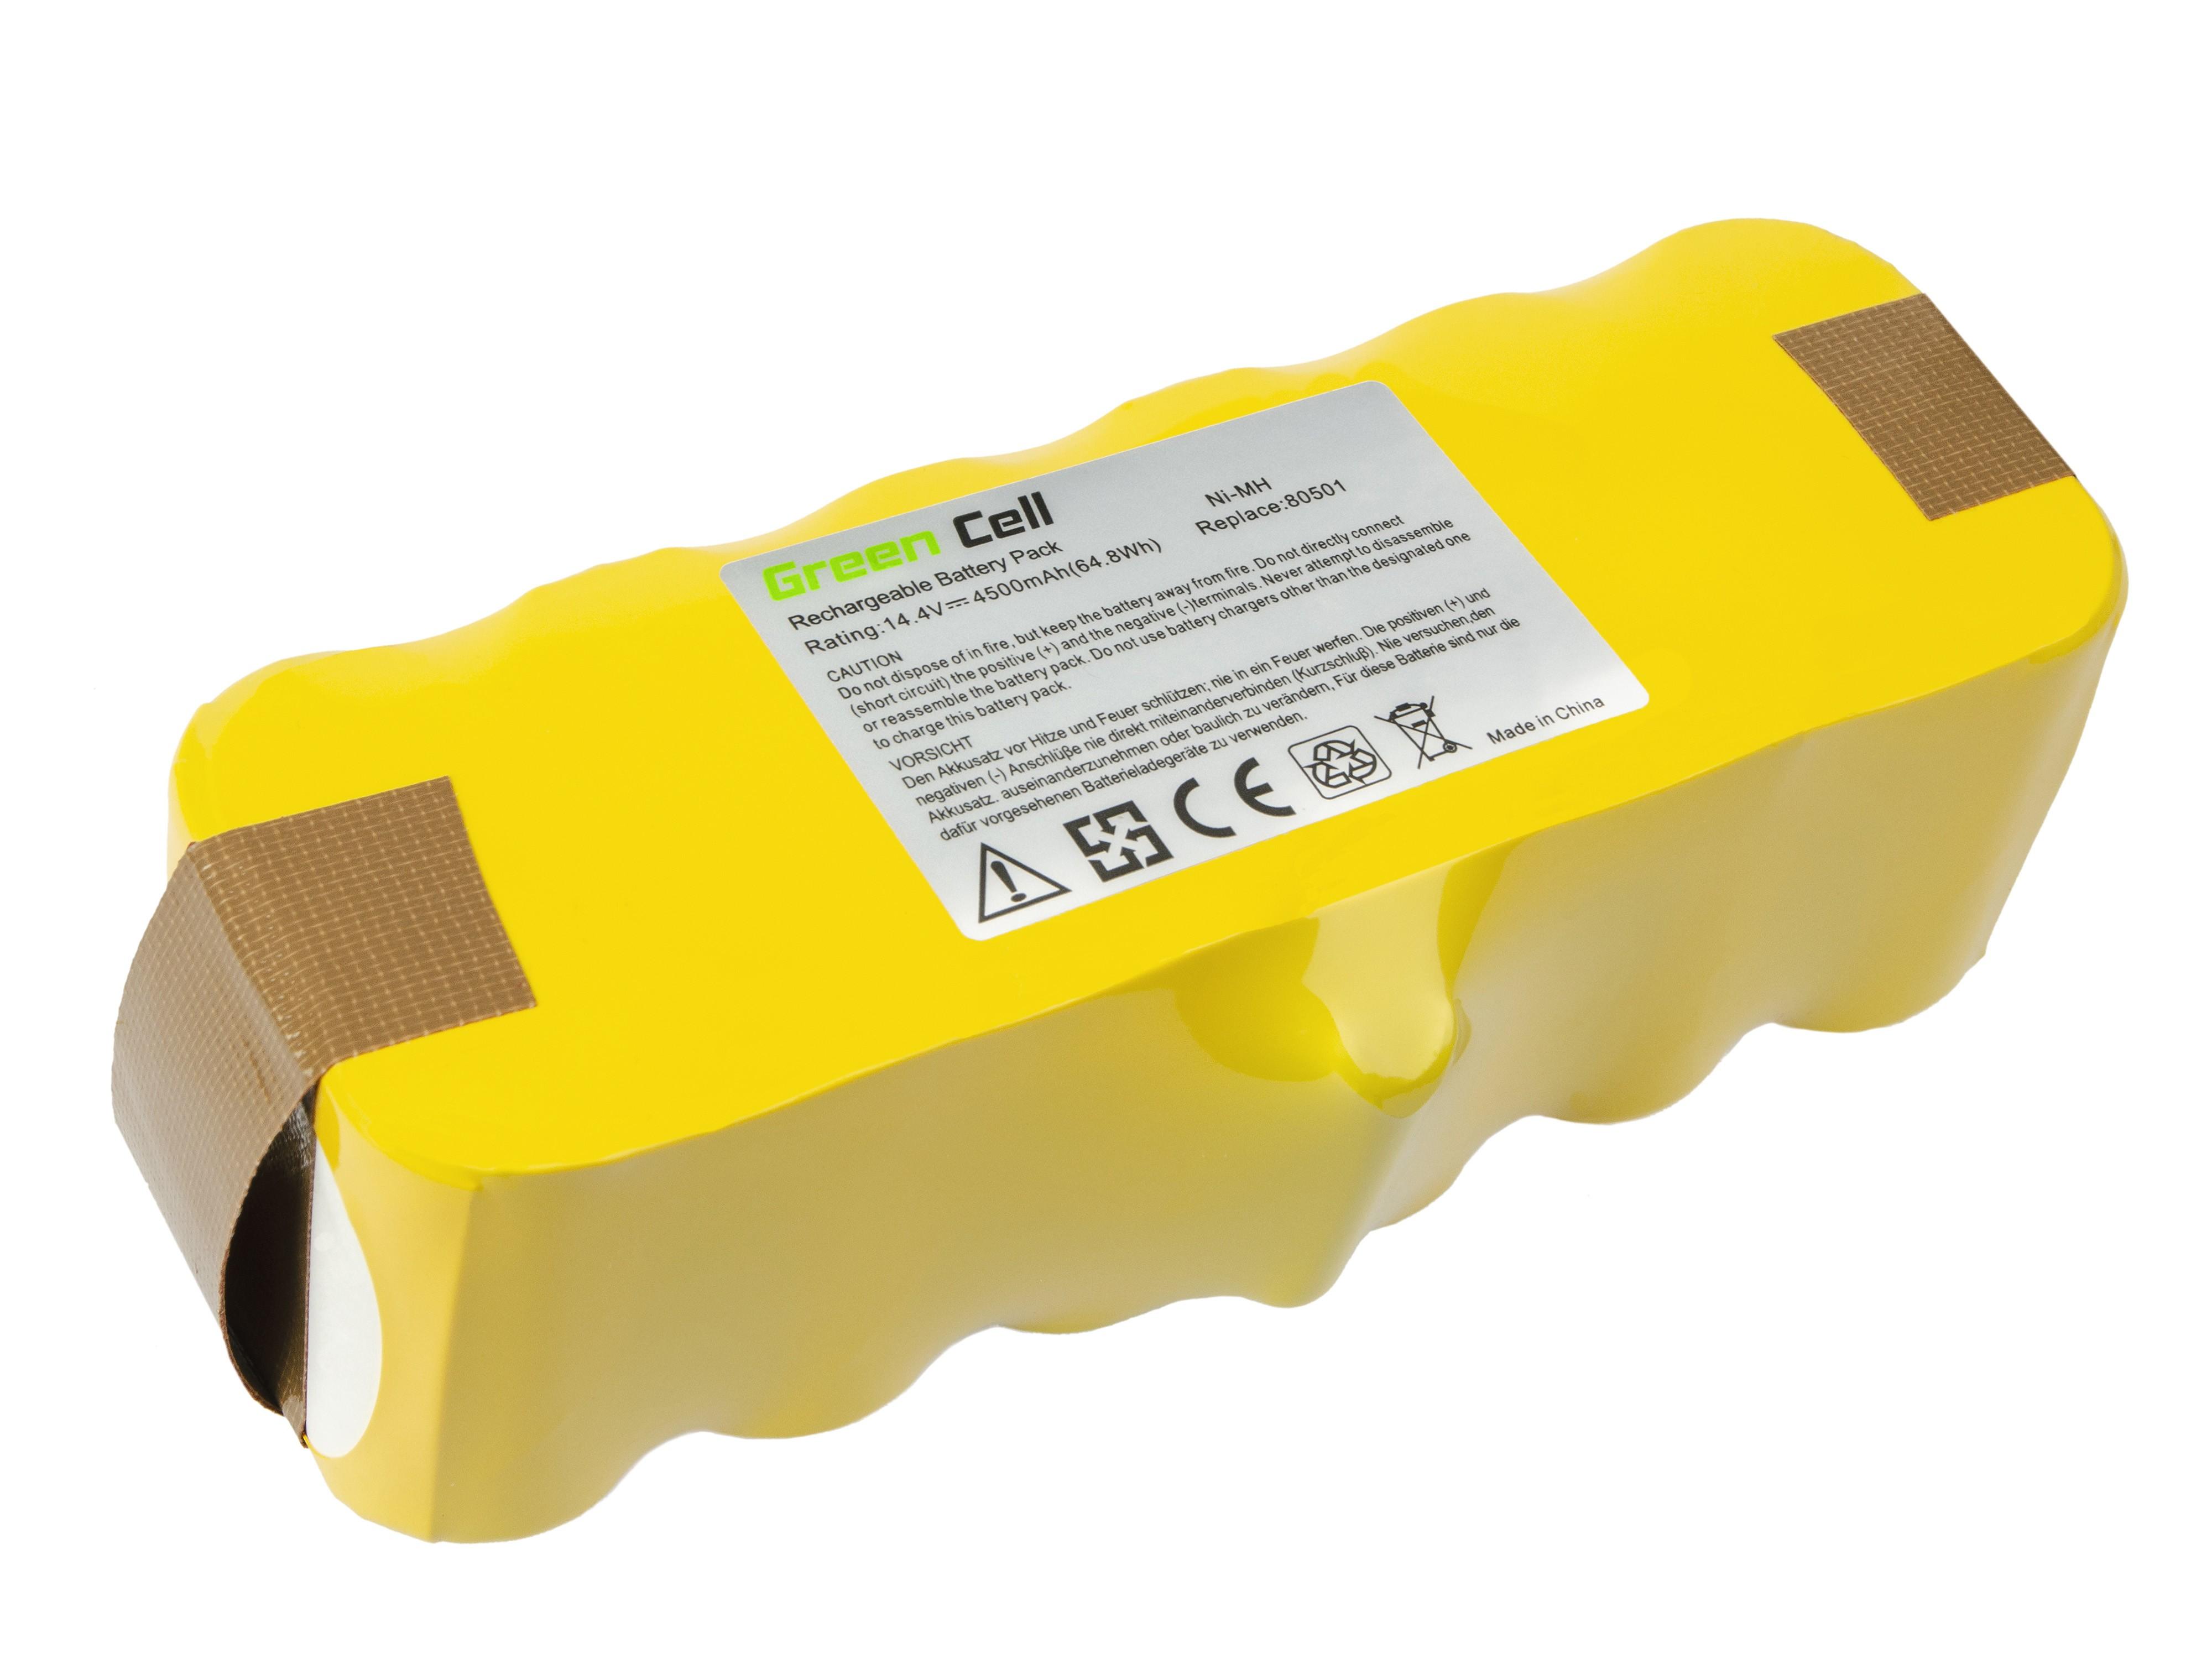 Batteri 80501 för iRobot Roomba 510 530 540 550 560 570 580 610 620 625 760 770 780